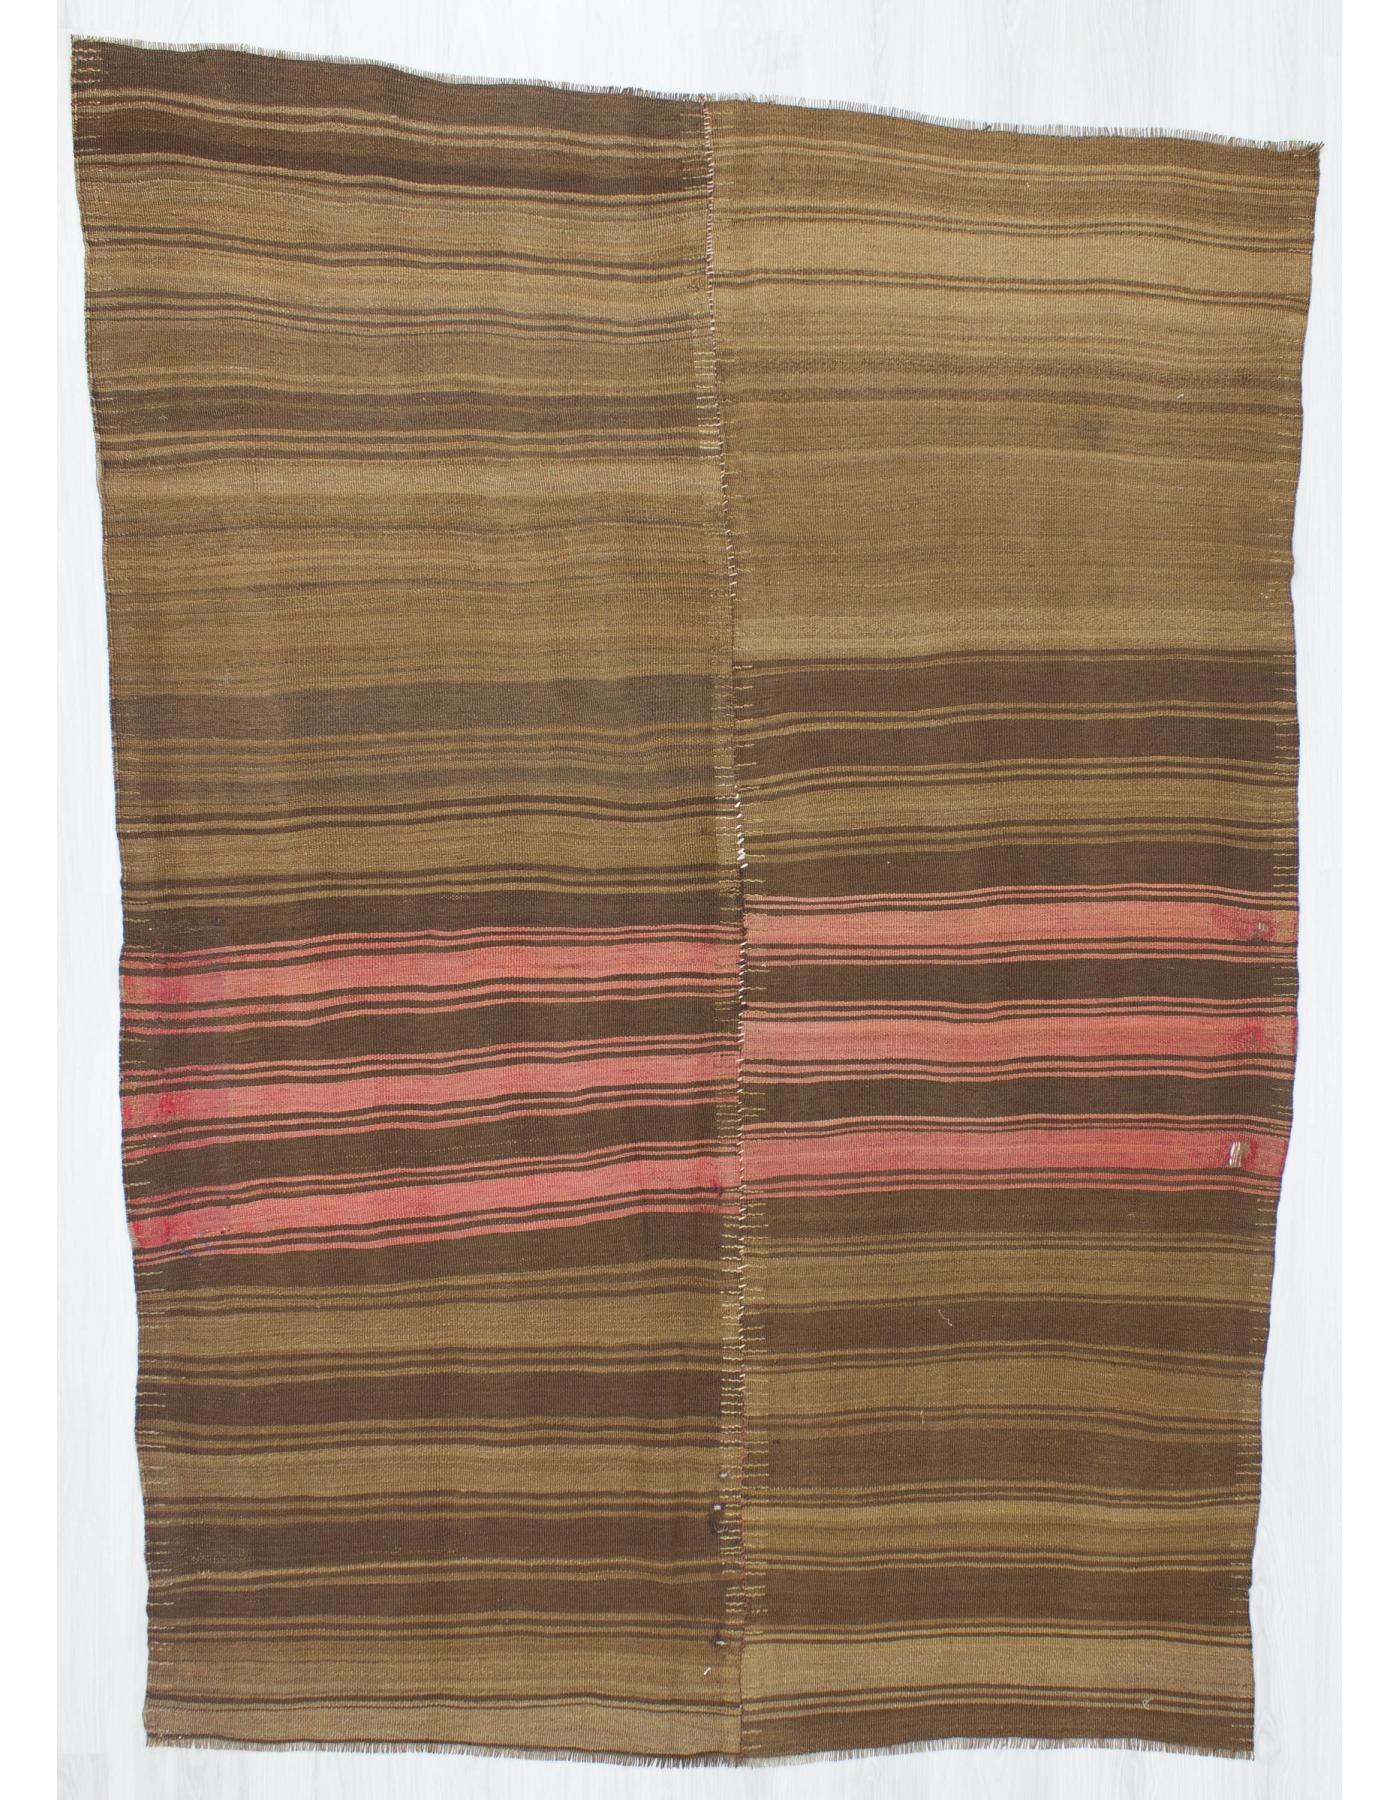 Vintage Brown And C Striped Kilim Rug